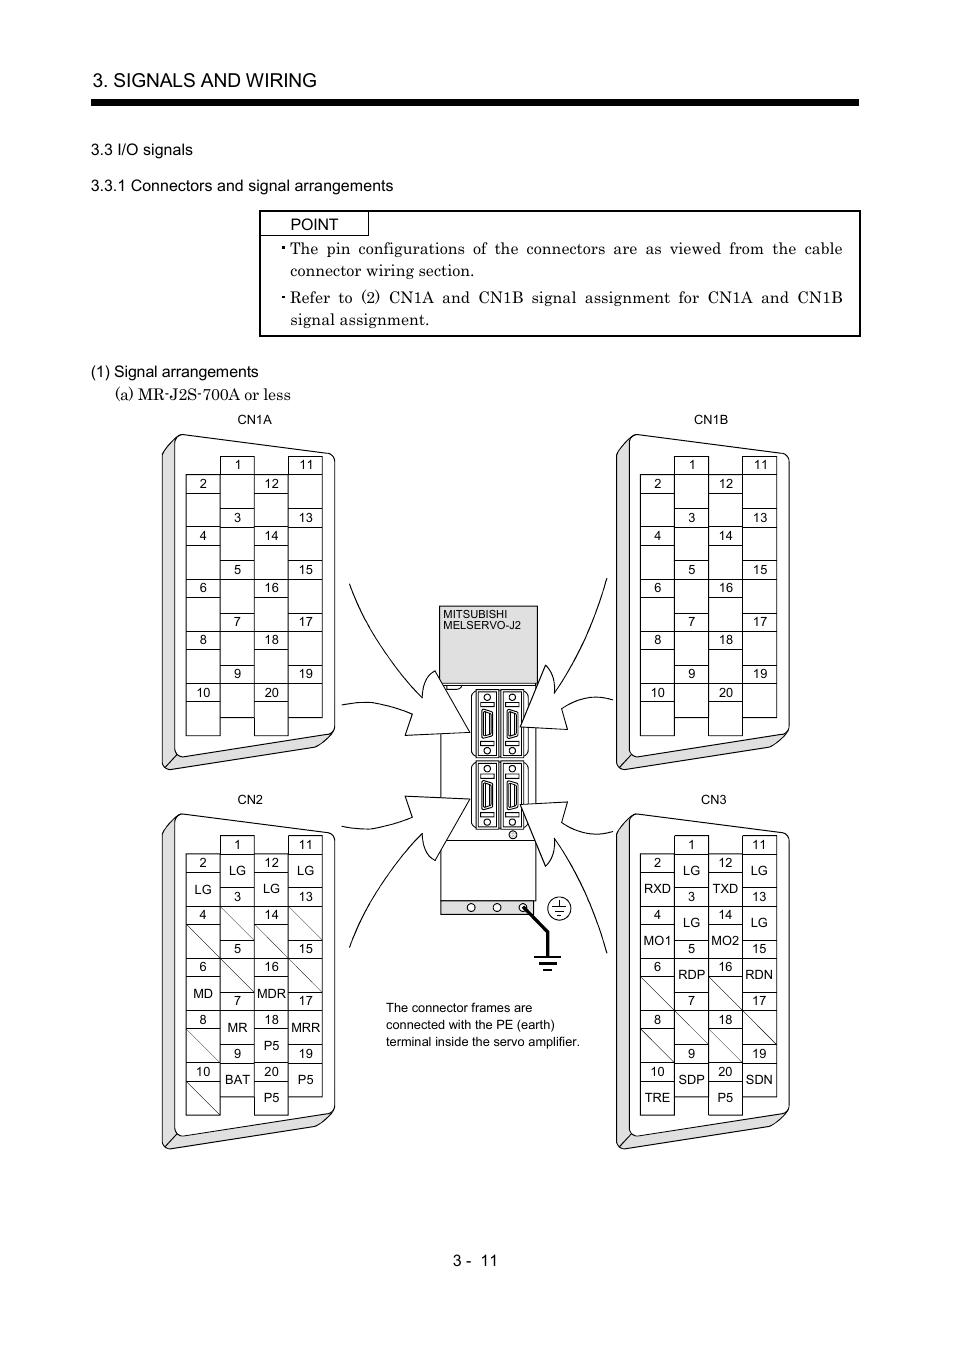 3 i/o signals, 1 connectors and signal arrangements